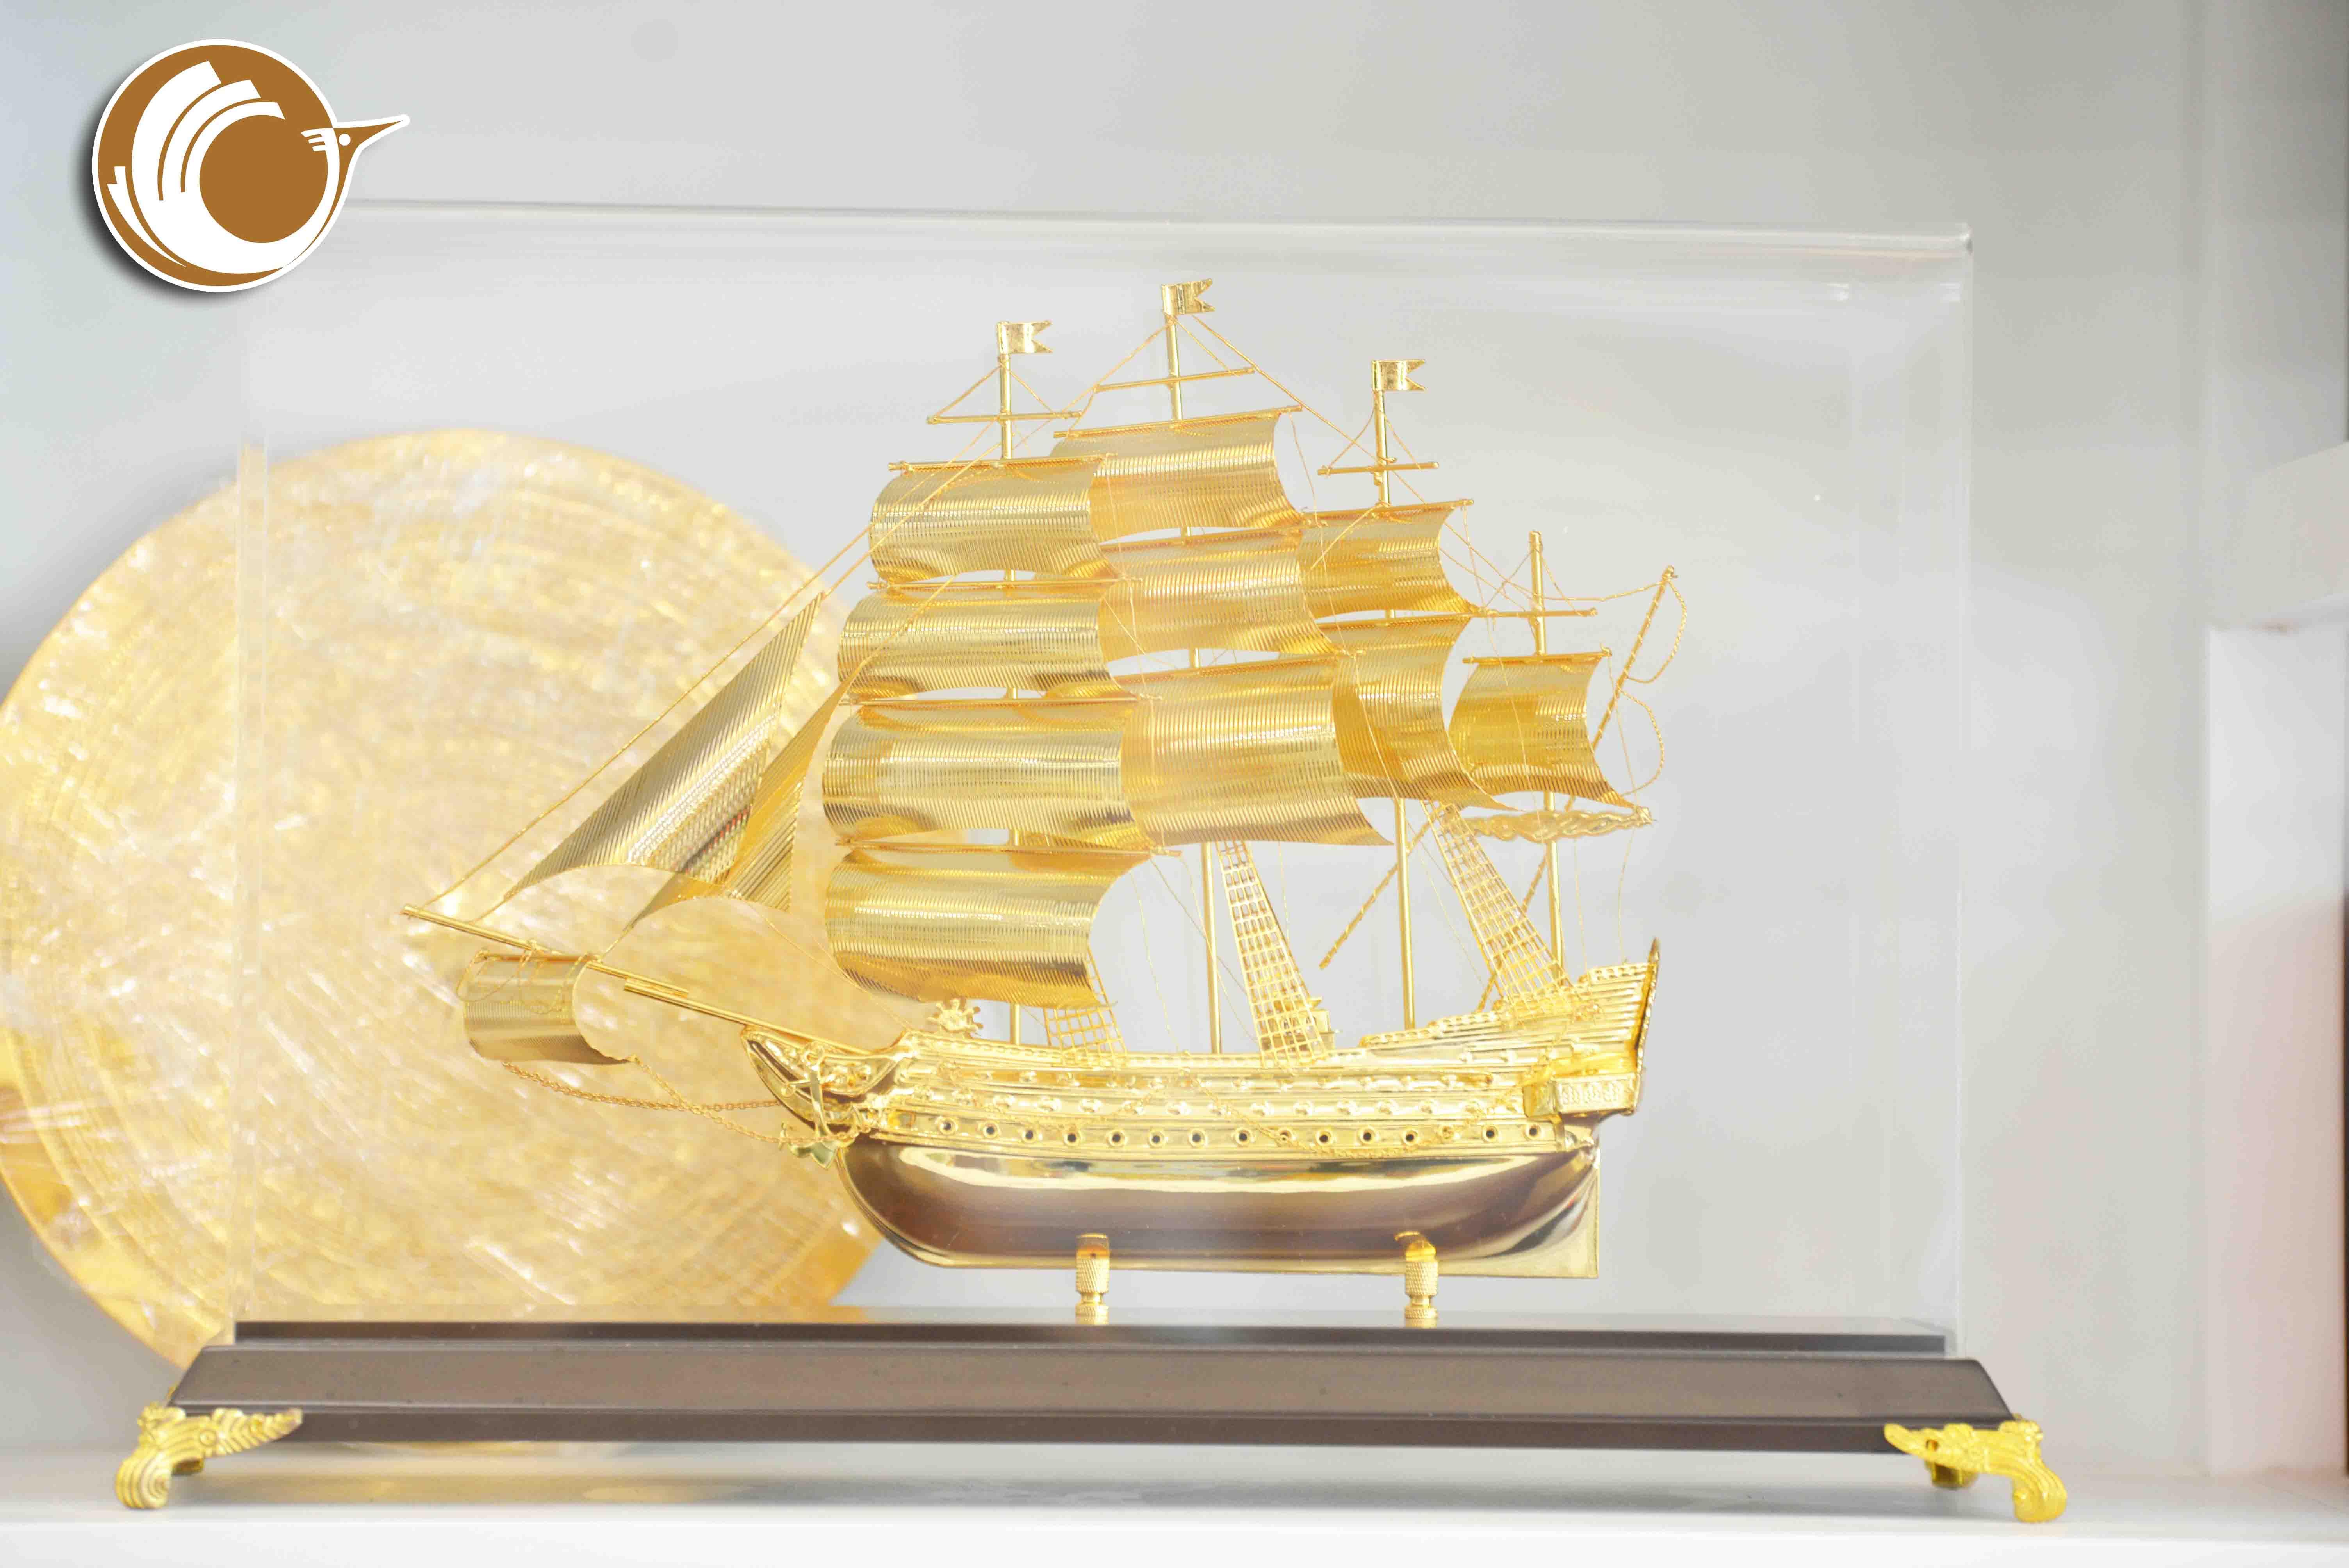 Quà tặng mô hình thuyền buồm, quà tặng khai trương ý nghĩa0